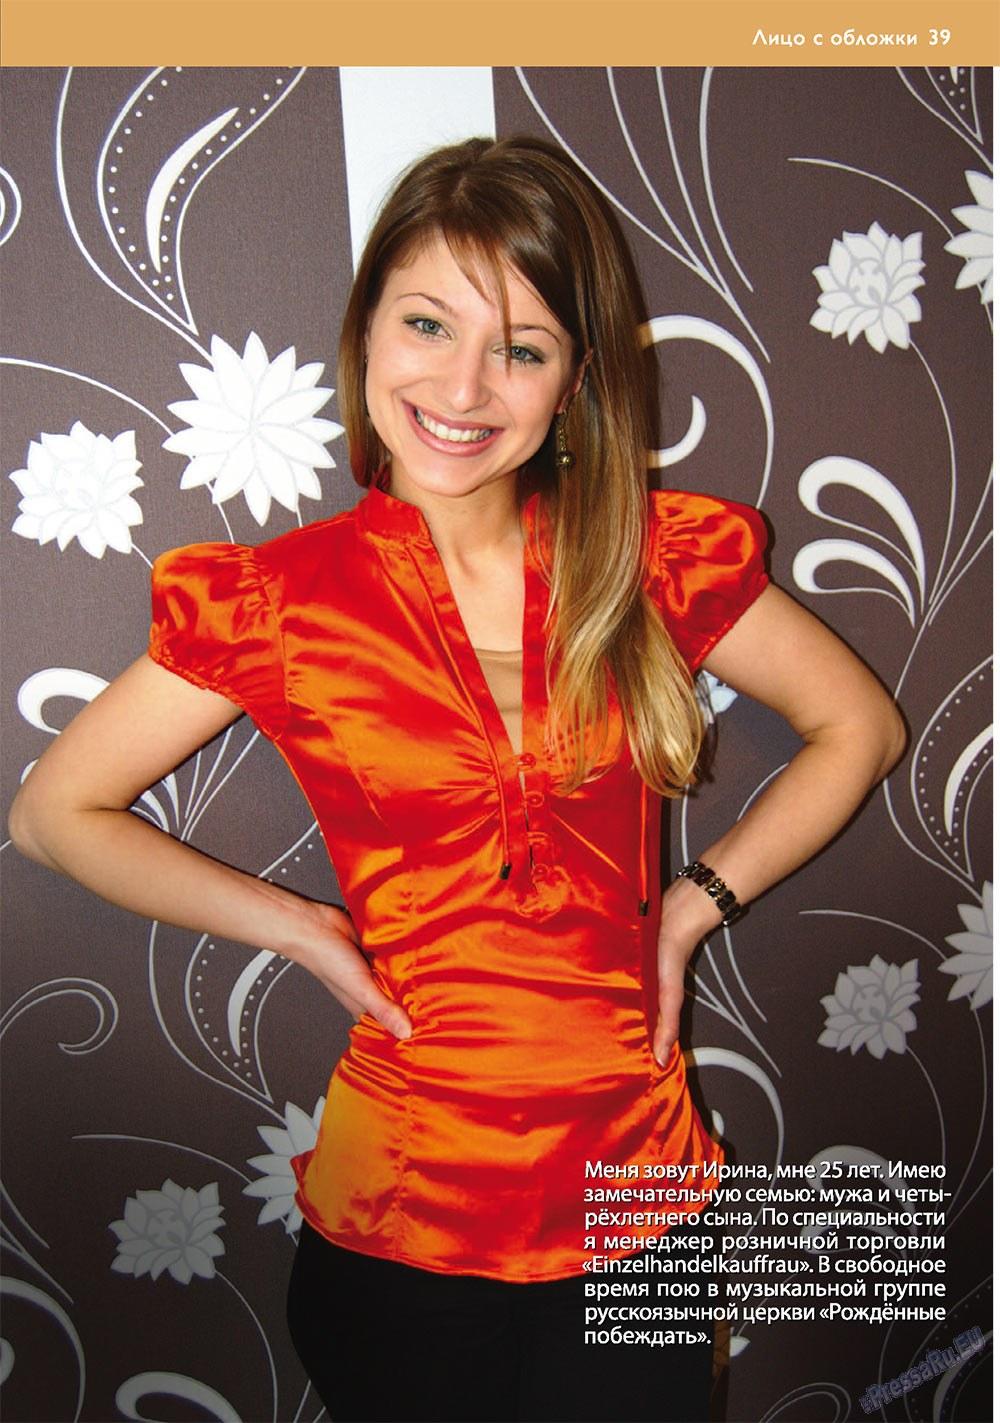 Апельсин (журнал). 2011 год, номер 21, стр. 39